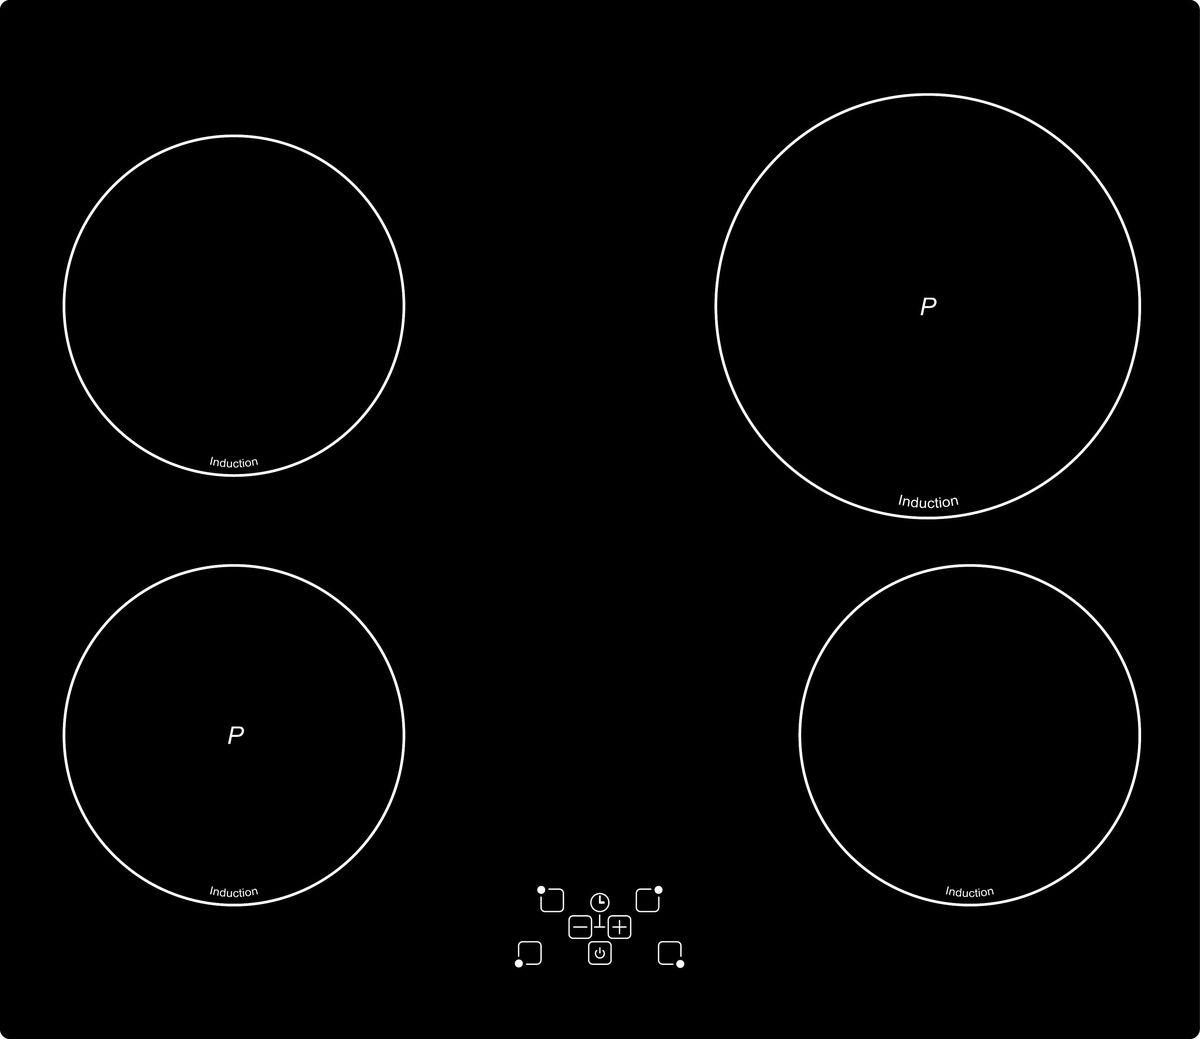 Simfer H60I18B001 панель варочная индукционнаяH60I18B001Индукционная варочная панель Simfer H60I18B001.Скорость и точность для получения еще более восхитительных результатов:Реализуйте свои таланты и воспользуйтесь скоростью и точностью, обычно доступной лишь профессиональным шеф-поварам. Индукционный метод нагрева обеспечивает мгновенную и точную регулировку.Неизменно сверкает чистотой благодаря технологии индукционного нагрева:Благодаря профессиональной технологии индукционного нагрева поверхность этой варочной панели никогда сильно не нагревается. Благодаря этому брызги к ней не прикипают и ее можно очистить, просто протерев ее тряпкой.Мгновенный разогрев до высокой температуры сбережет ваше время:Конфорка, нагревающаяся, только когда на ней оказывается посуда:Благодаря технологии индукционного нагрева конфорки этой варочной поверхности включаются только при помещении на них посуды. Стоит убрать посуду, как они автоматически отключаются.Всегда знайте, какая именно конфорка еще горячая:Эта варочная панель неизменно даст вам знать, какие из ее конфорок все еще горячие, при помощи продуманных индикаторов остаточного тепла, показывающим, где осталась тепловая энергия.